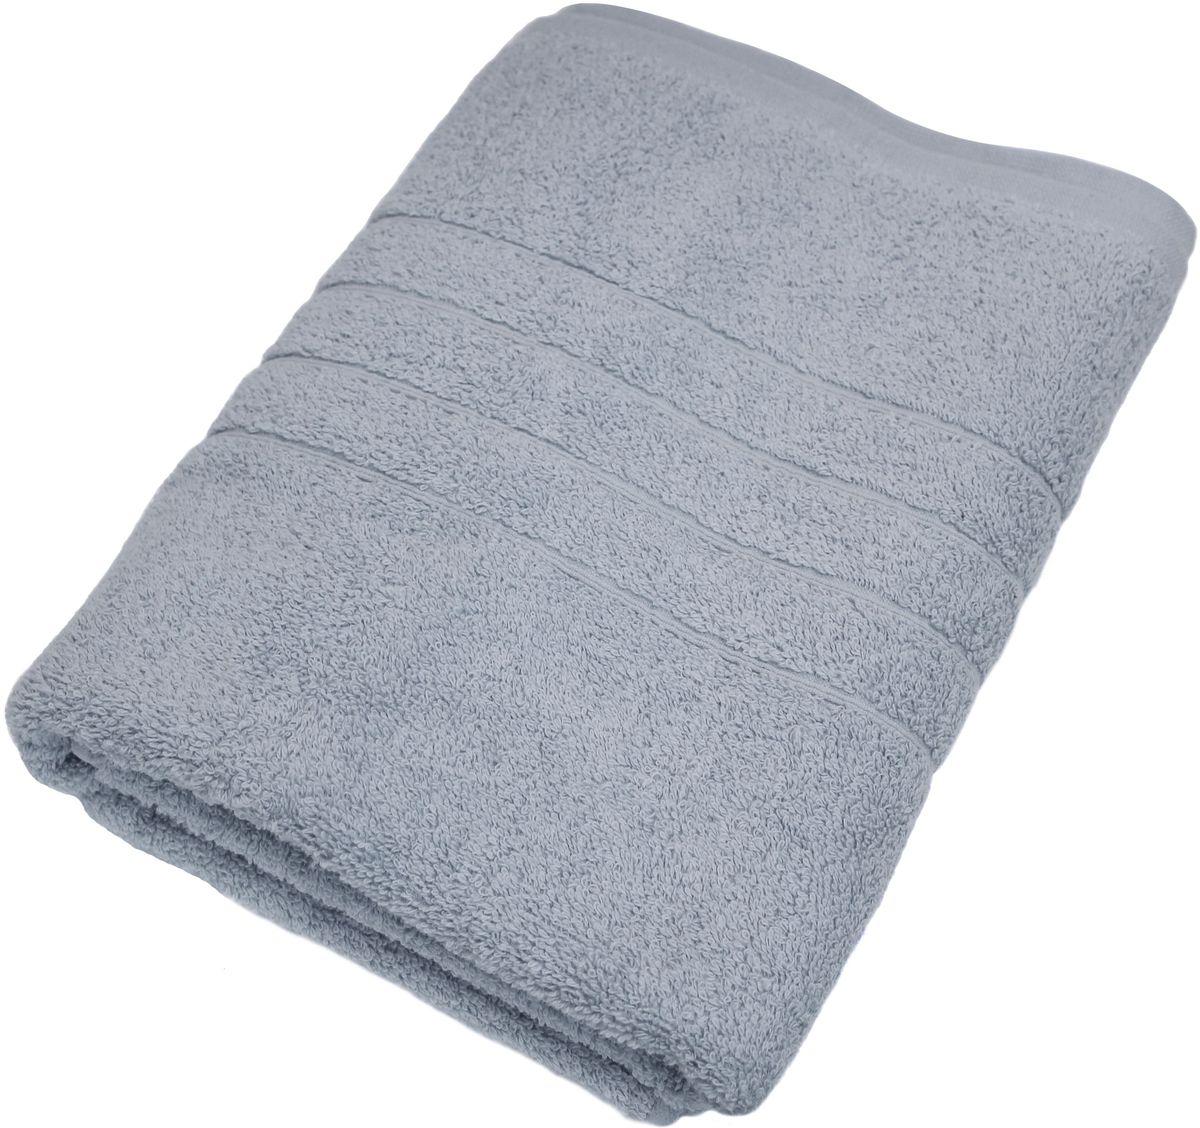 Полотенце Proffi Home Модерн, цвет: серый, 70 x 140 смS03301004Мягкое махровое полотенцеProffi Home Модерн отлично впитывает влагу и быстро сохнет, приятно в него завернуться после принятия ванны или посещения сауны. Поэтому данное махровое полотенце можно использовать в качестве душевого, банного или пляжного полотенца. Состав: 100% хлопок.